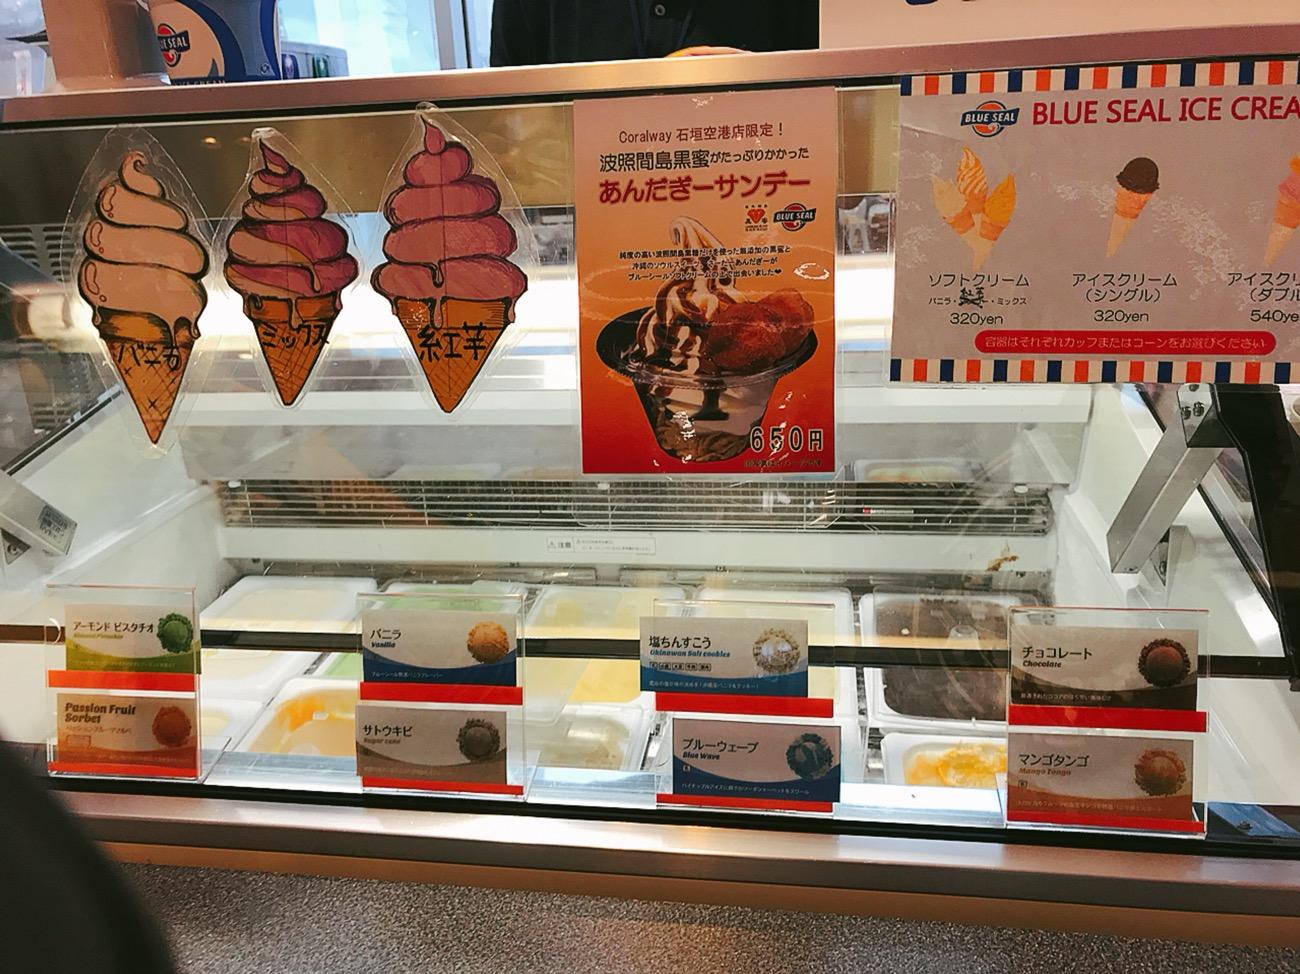 石垣空港 JAL売店のブルーシールアイスクリーム